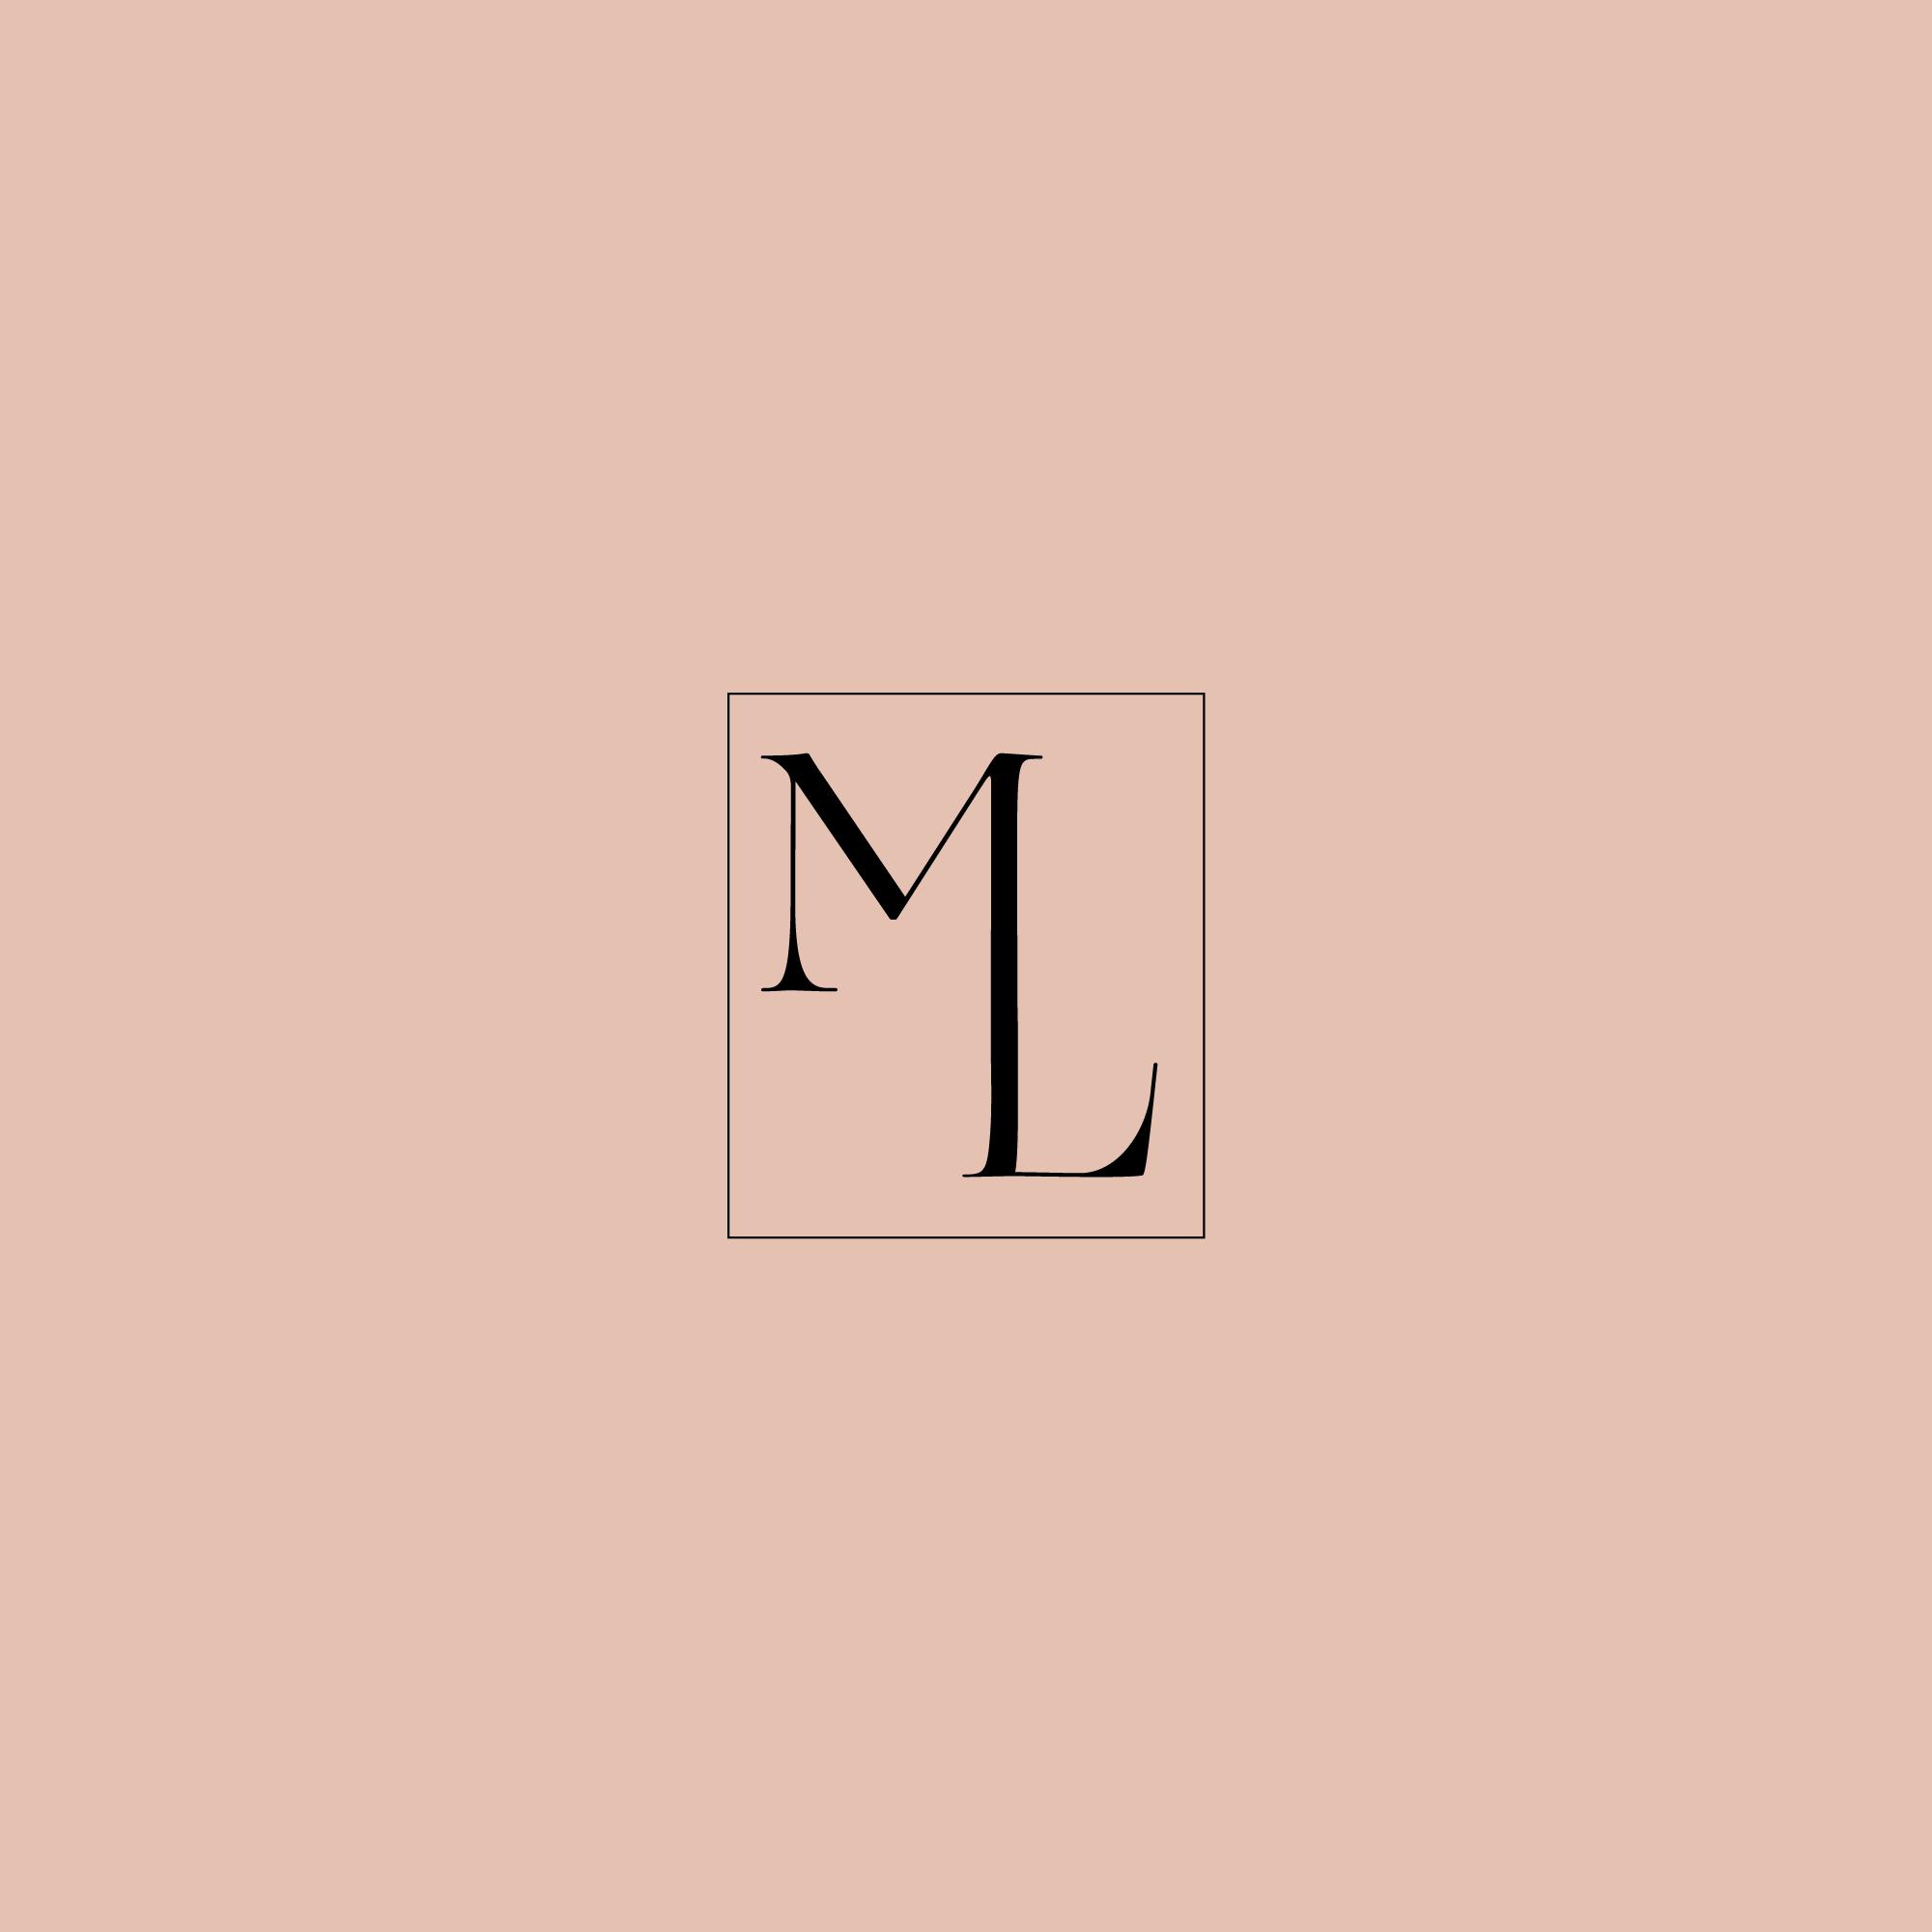 sub-mark-black-on-pink.jpg